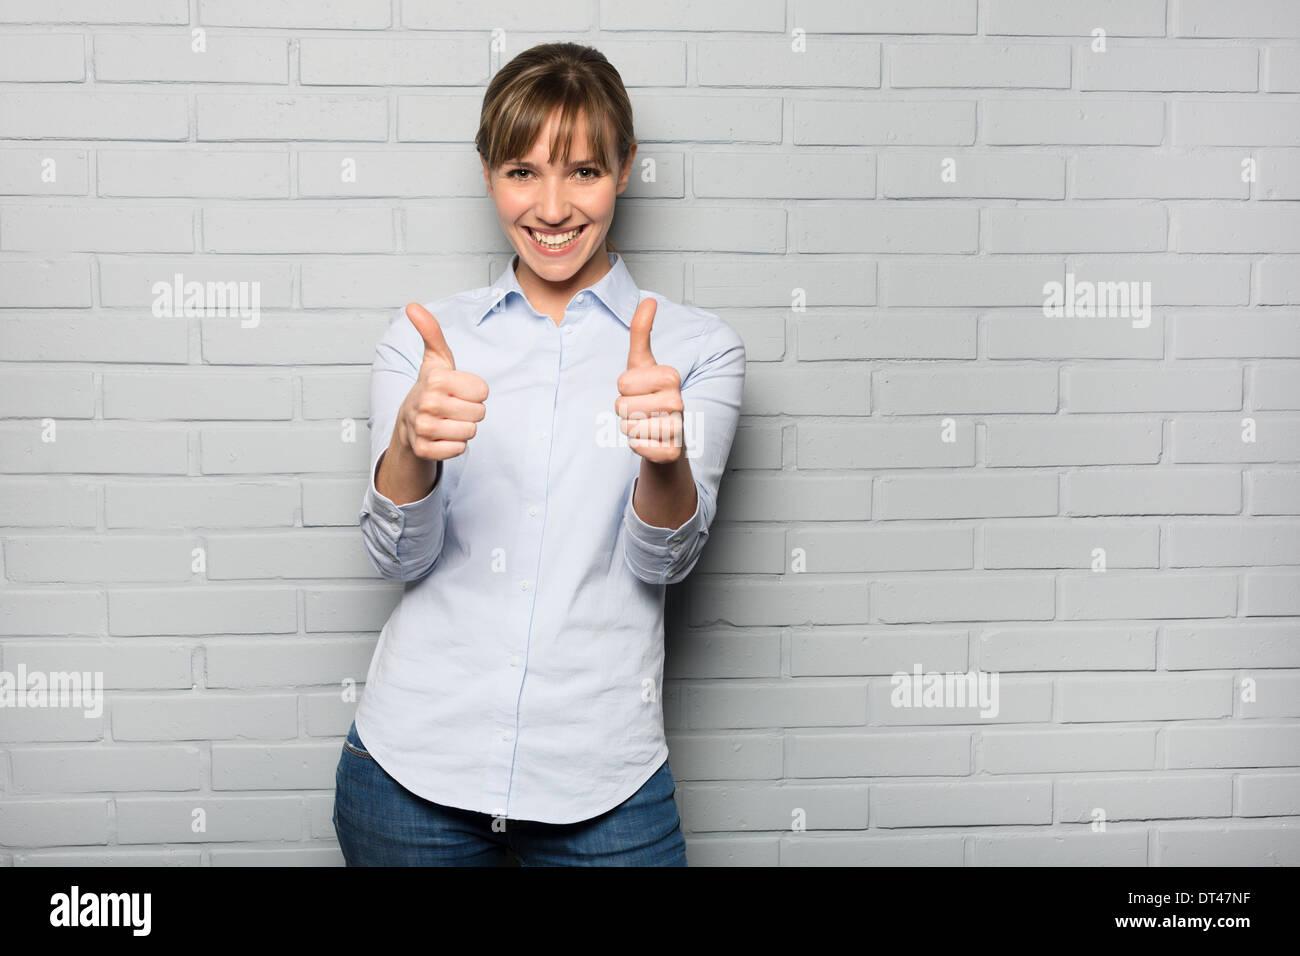 Studio alegre gesto casual femenino fondo gris Imagen De Stock